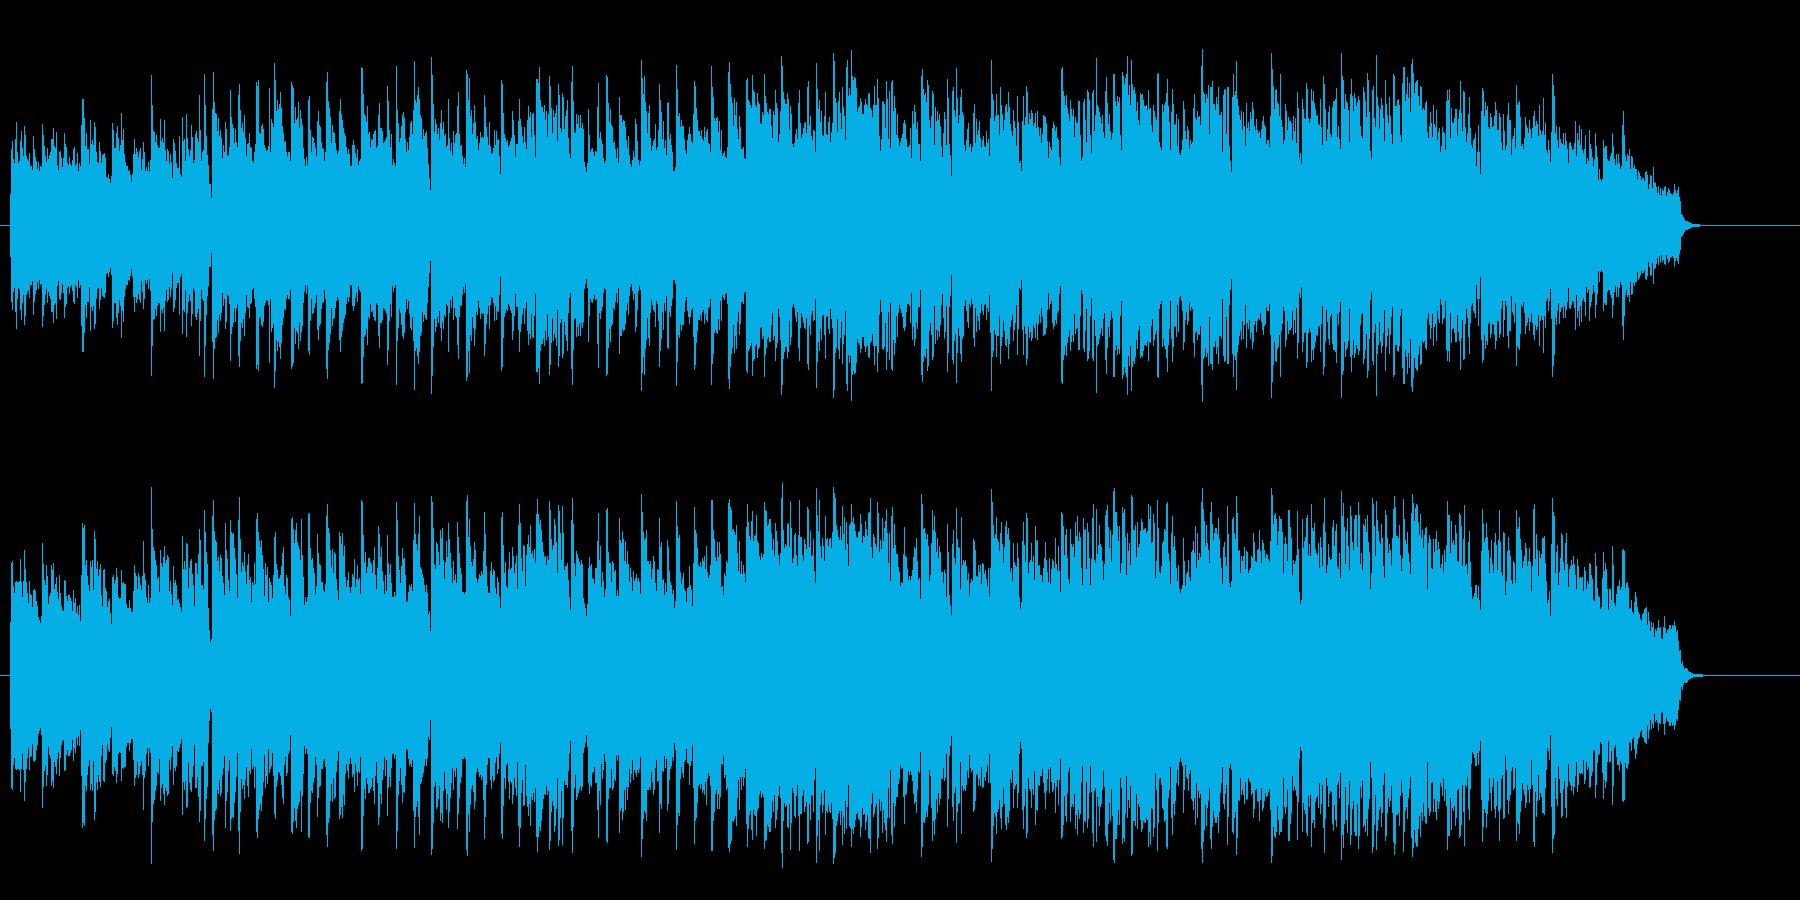 感動的なバラード/ブライダルの再生済みの波形